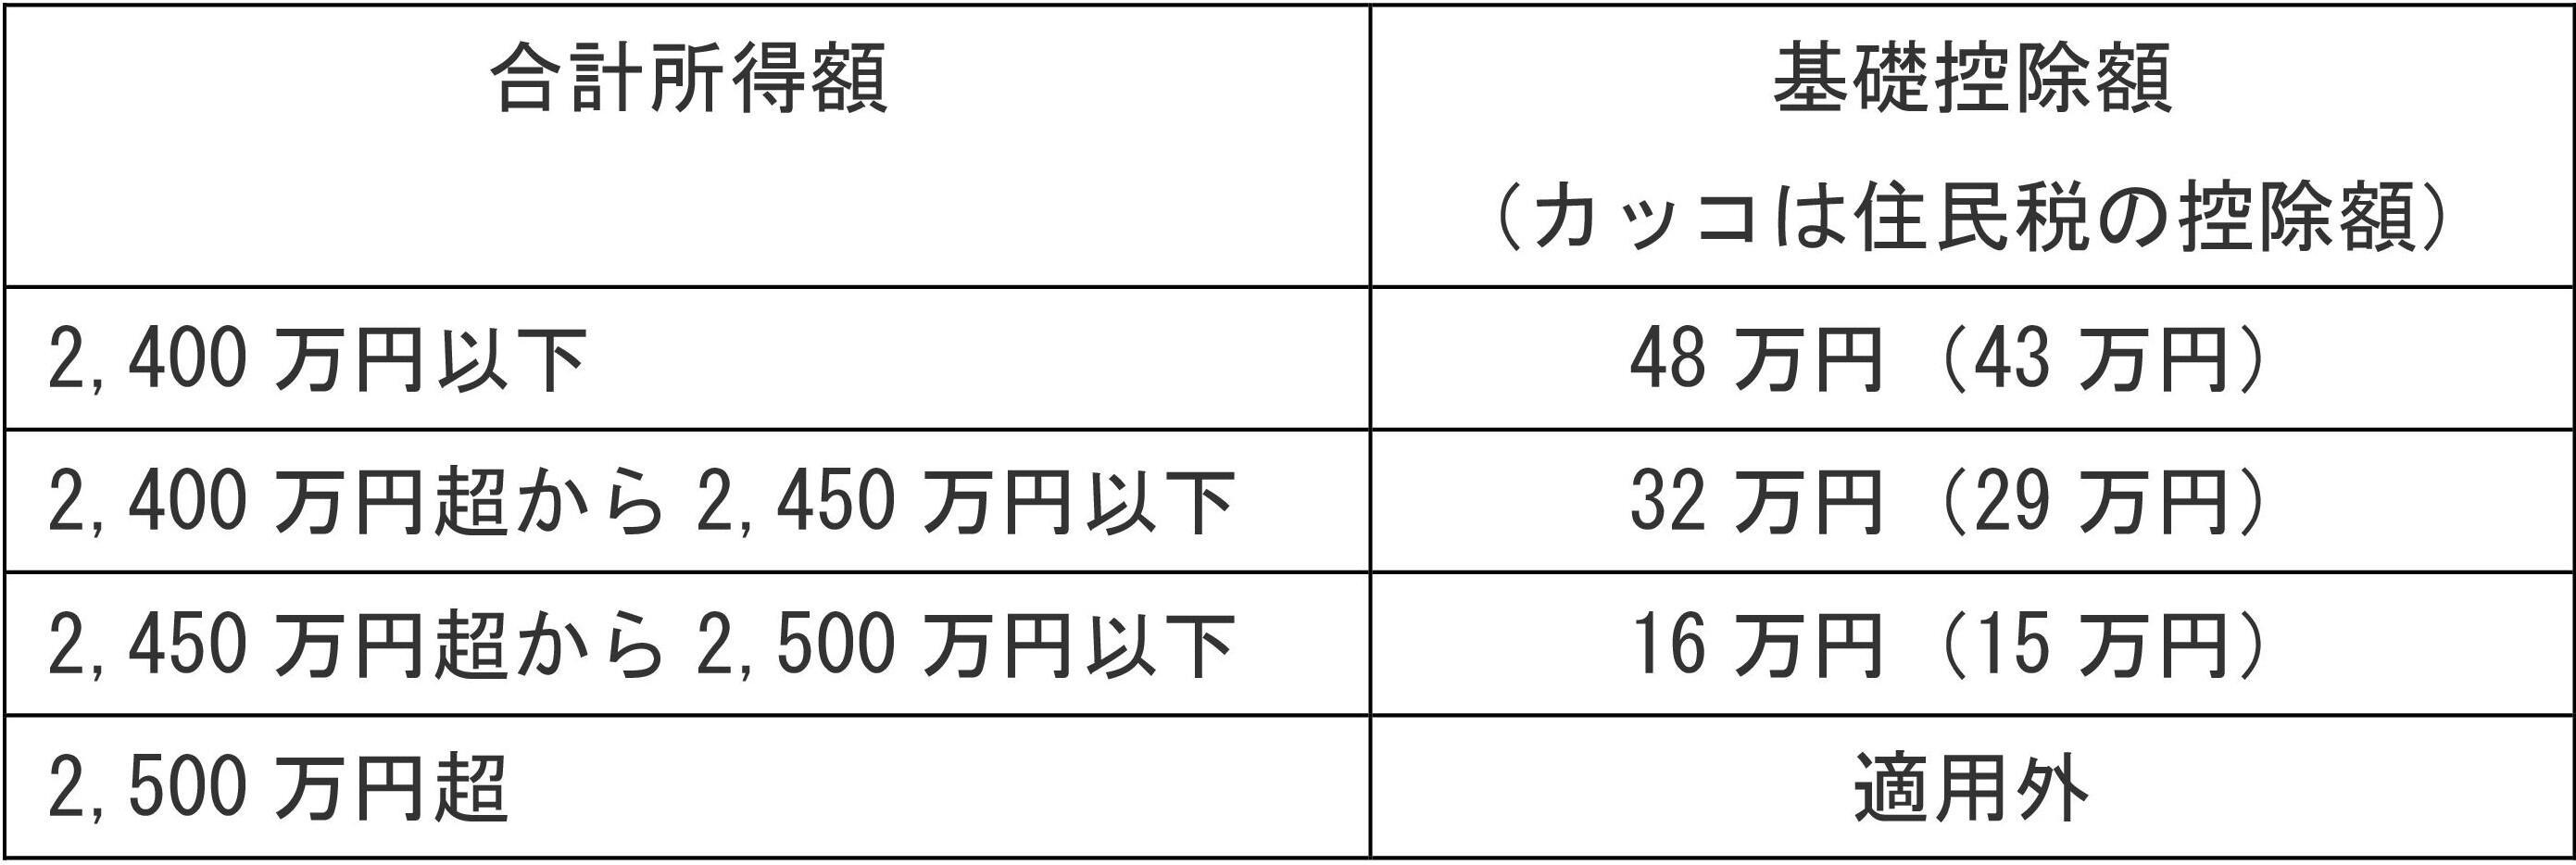 48 基礎 万 円 控除